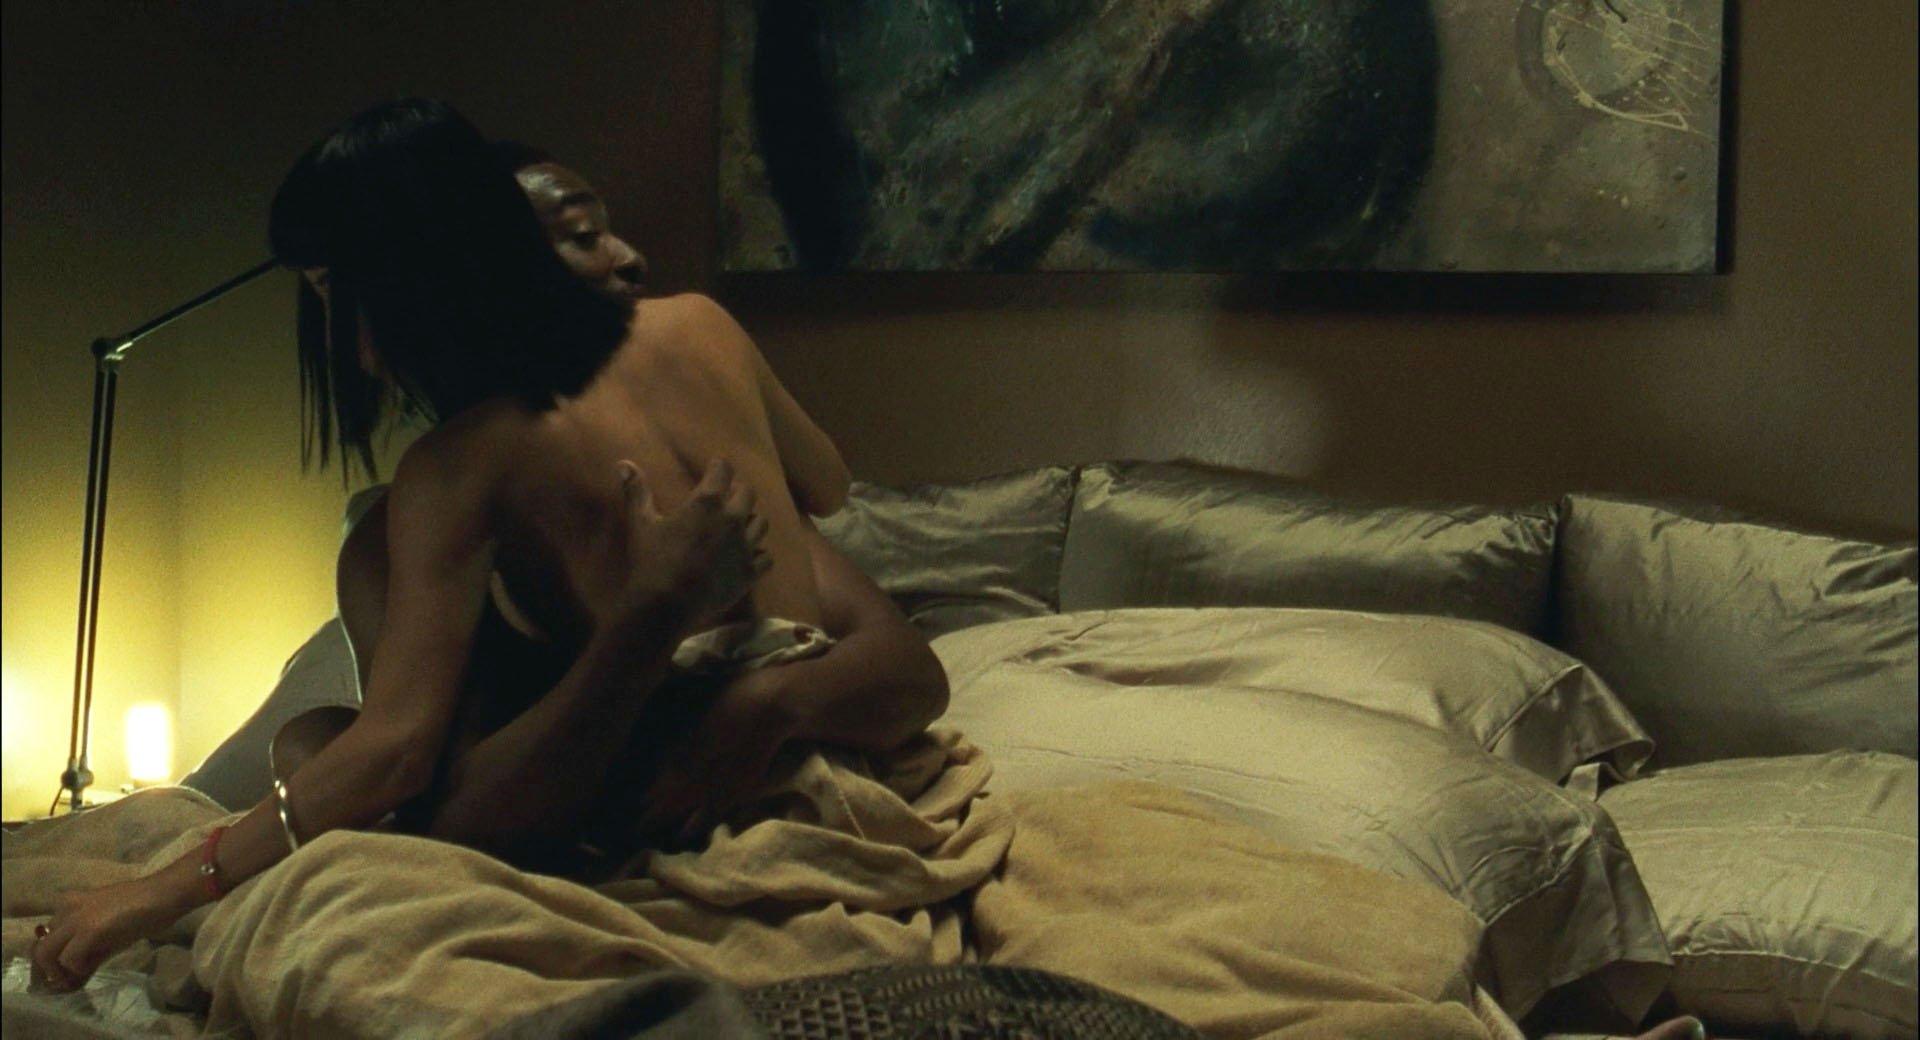 Bai Ling nude - She Hate Me (2004)